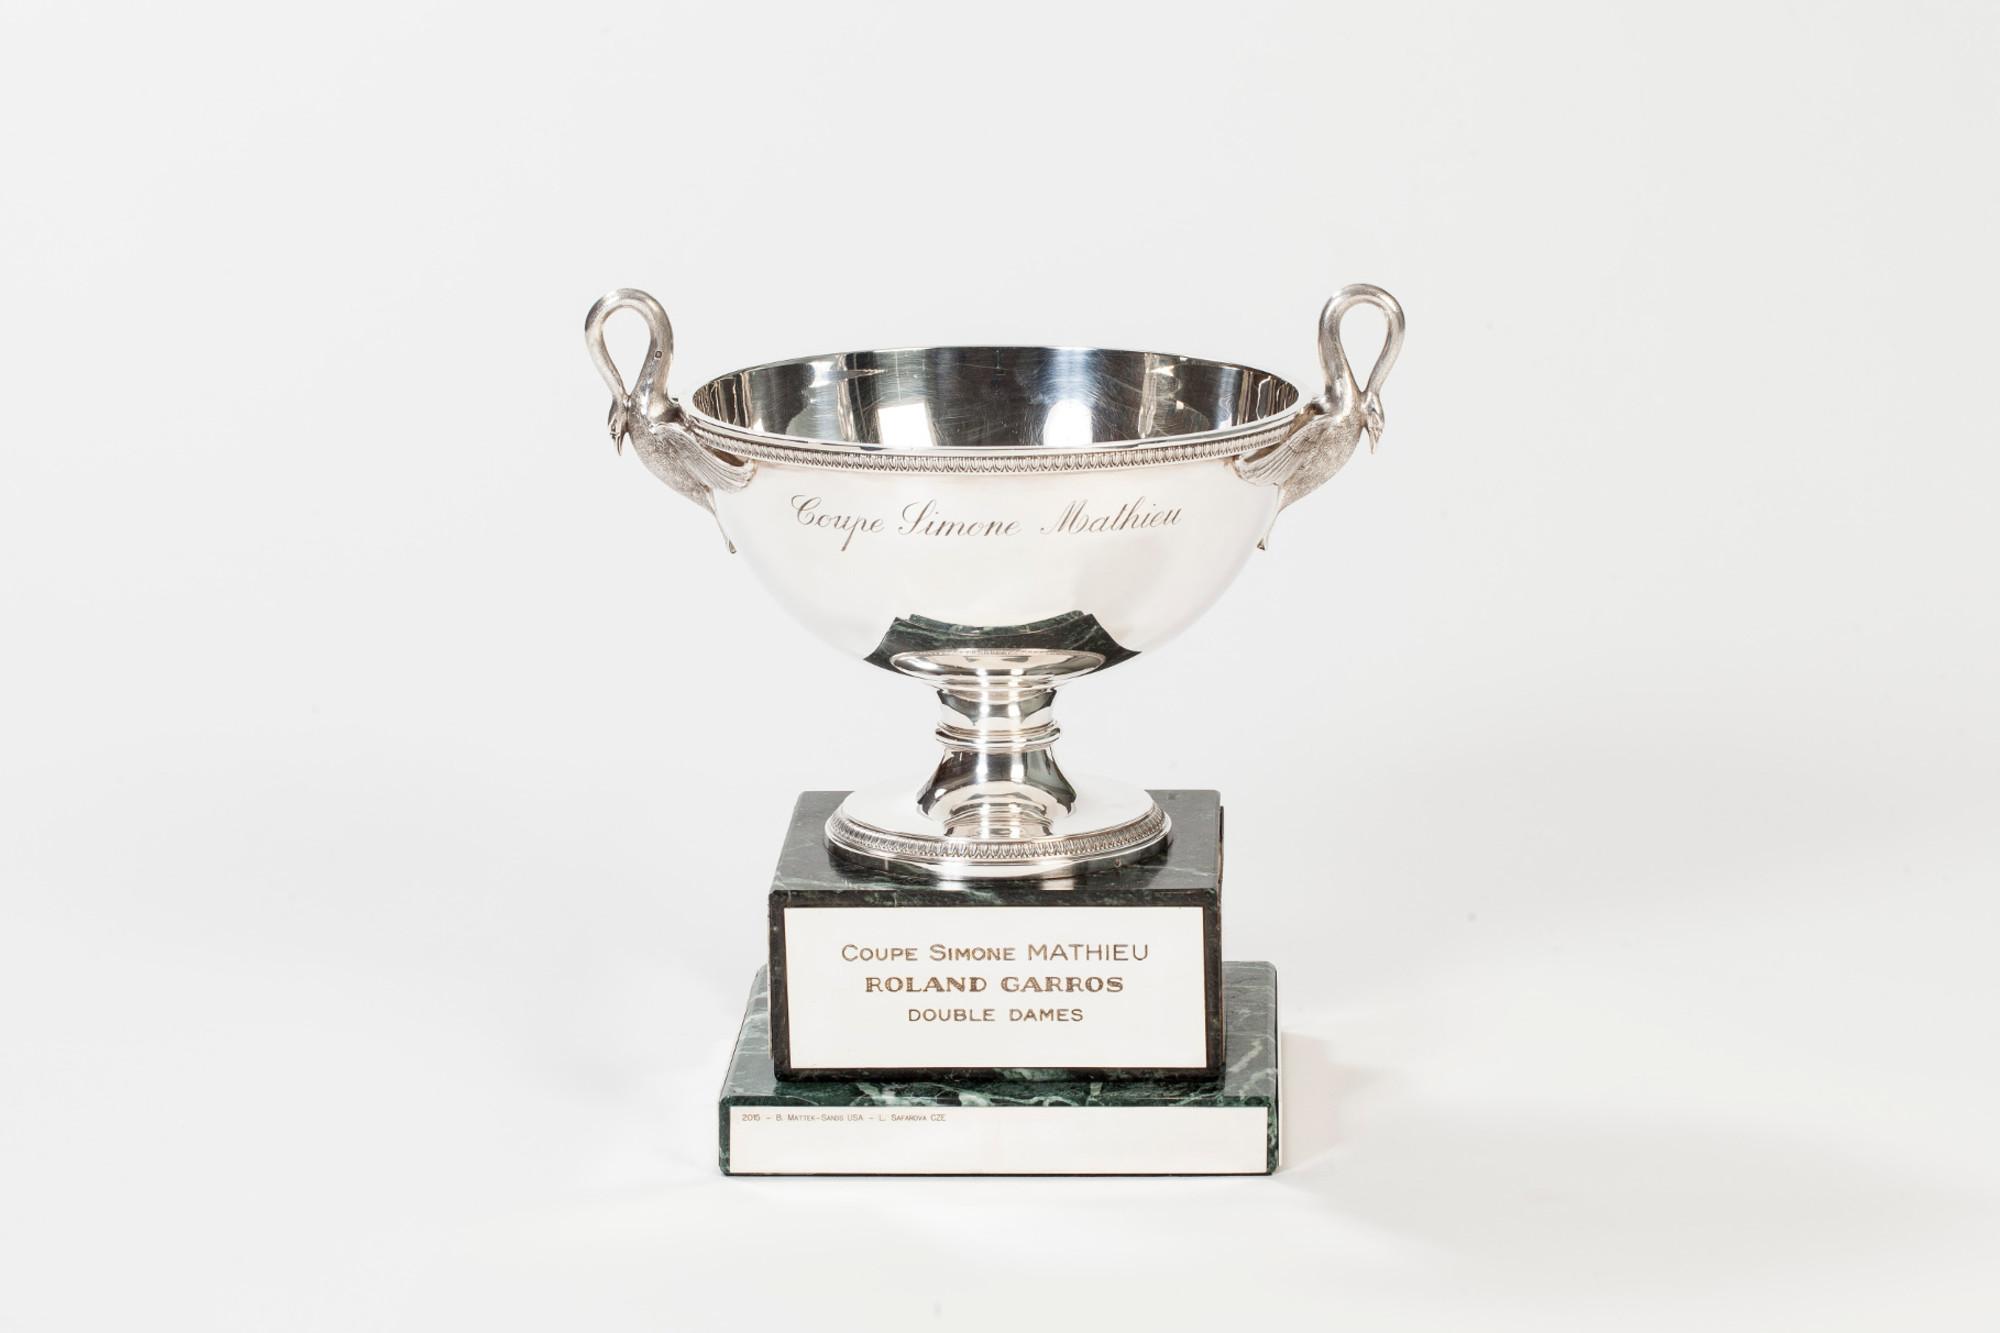 coupe Simonne-Mathieu double dames Roland-Garros trophée / Simonne Mathieu's cup women's doubles Roland-Garros trophy.